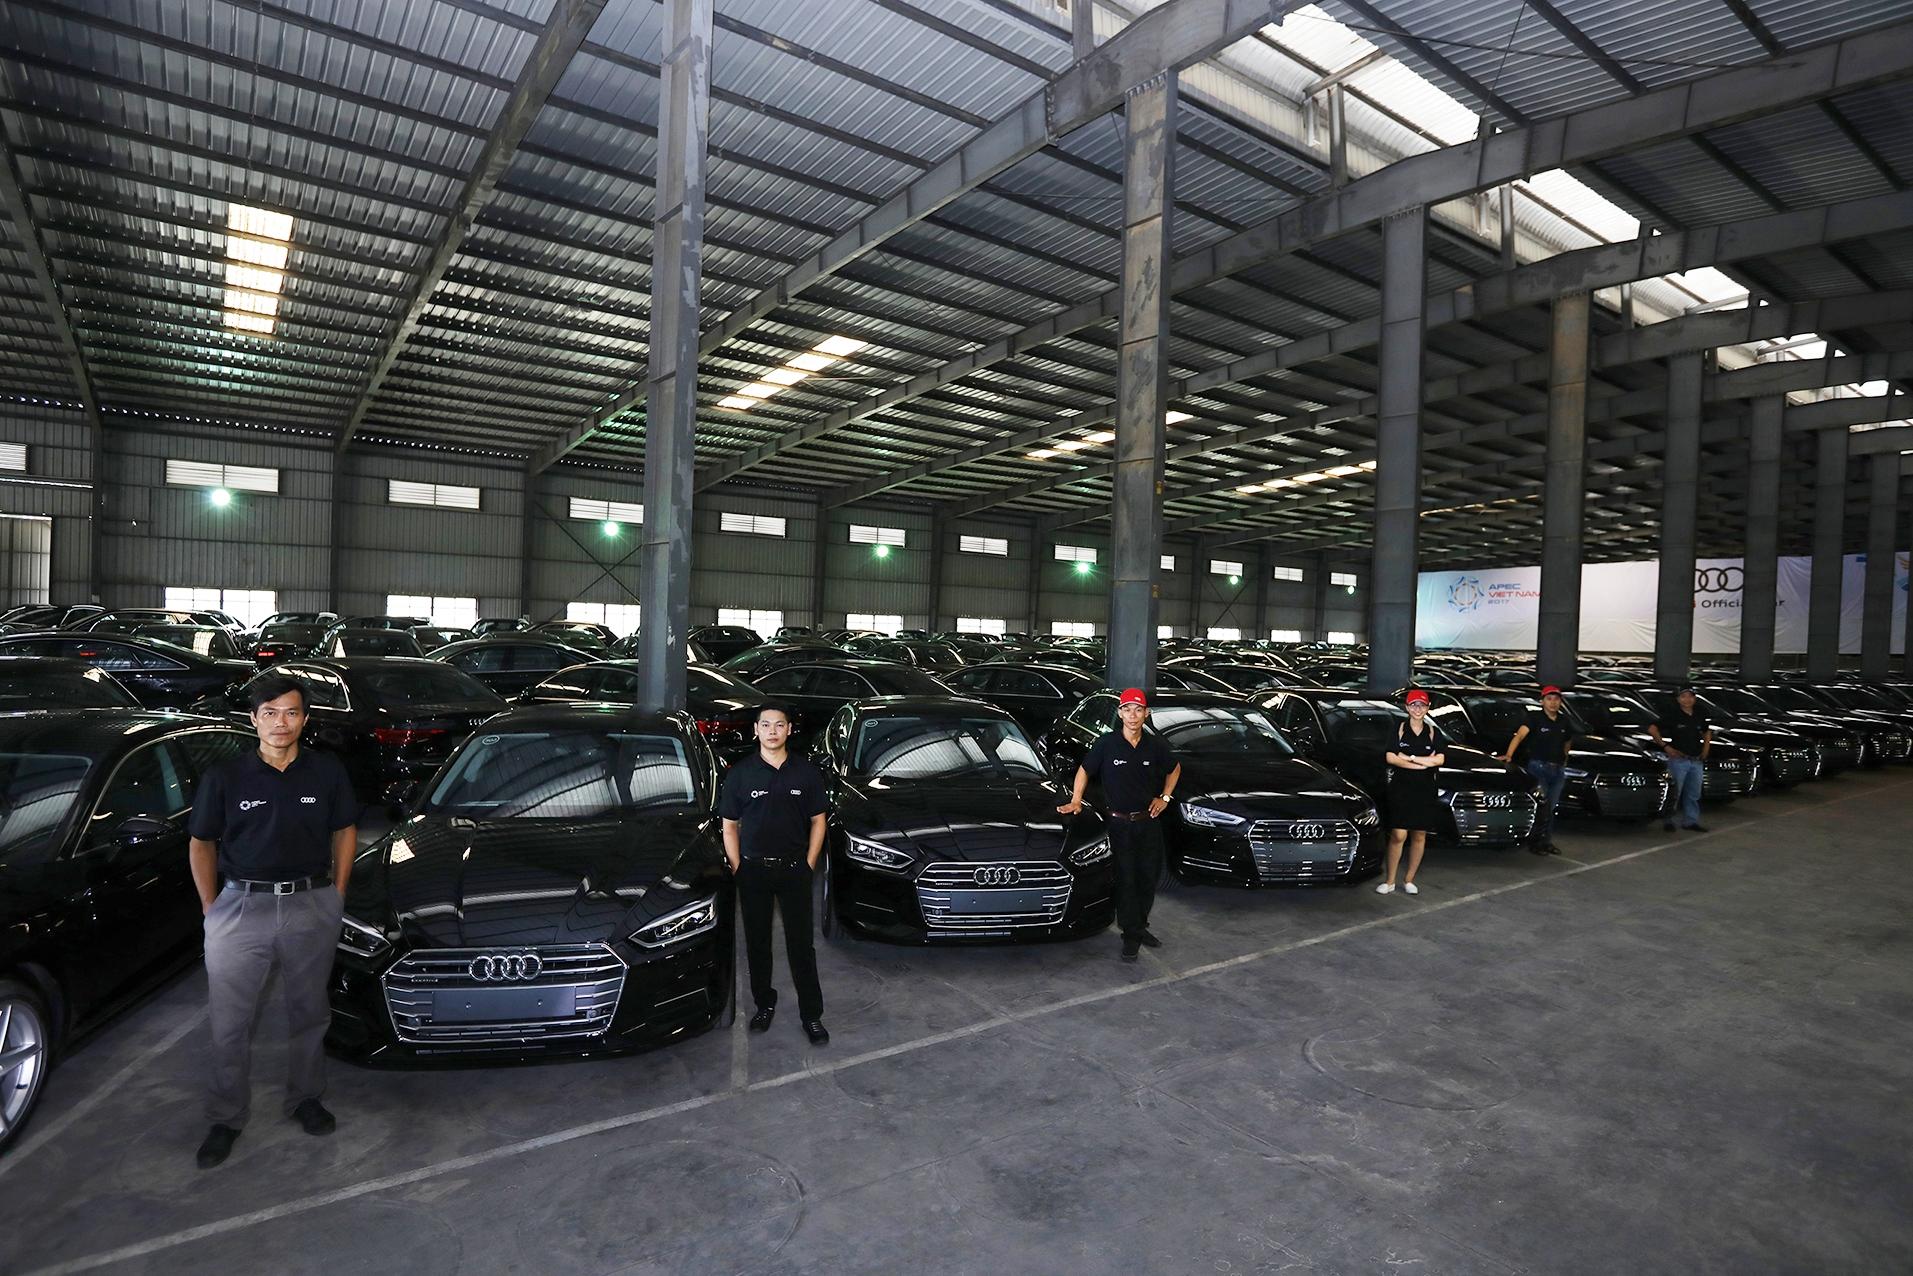 Audi-tiep-tuc-giao-xe-phien-ban-gioi-han-phuc-vu-APEC-tai-Da-Nang-anh-1